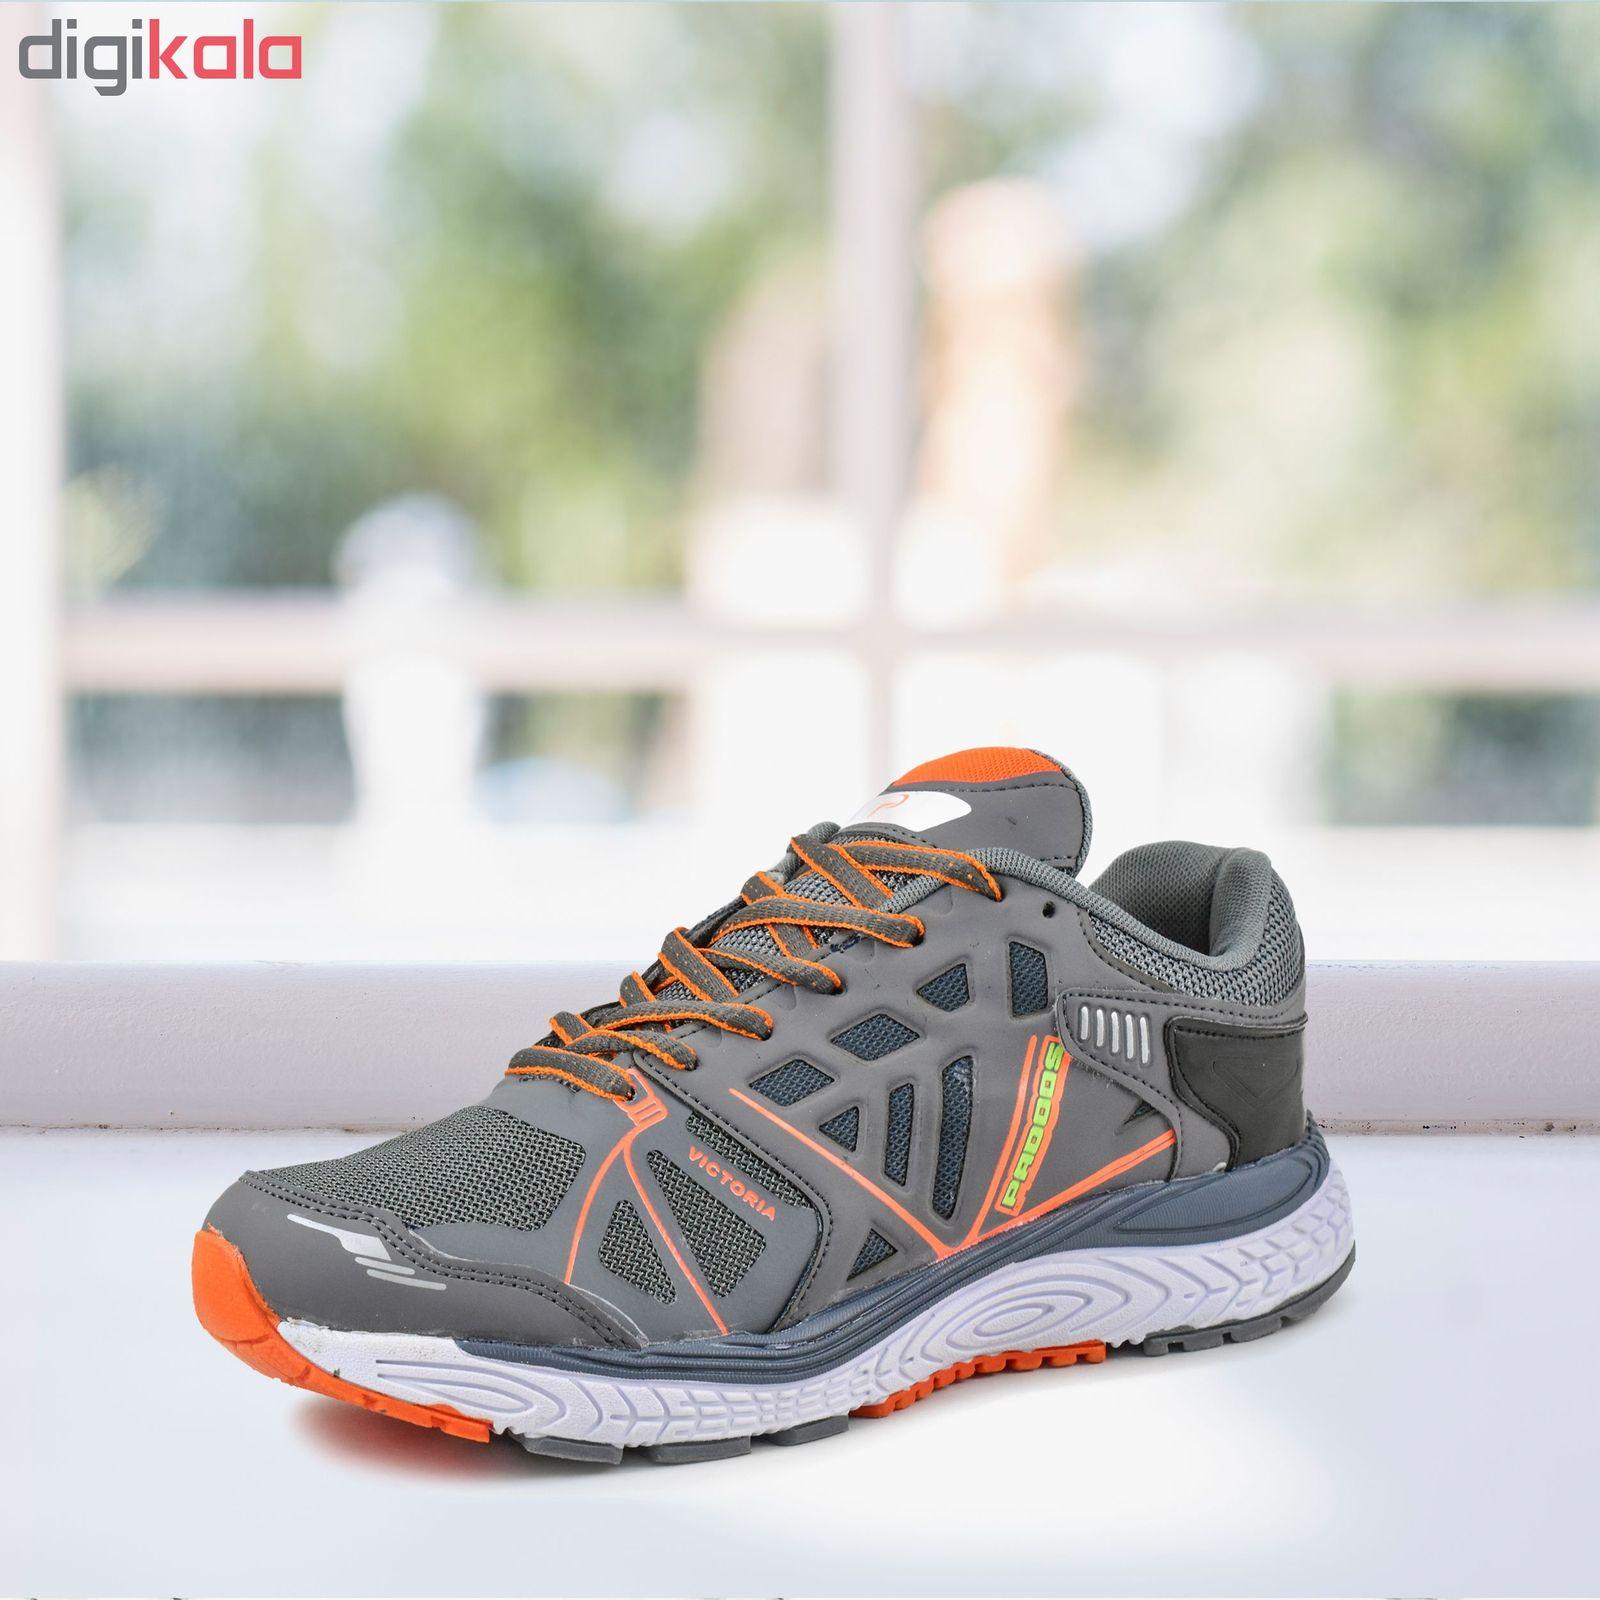 کفش مخصوص پیاده روی مردانه پادوس مدل لوییس کد 4788 main 1 3